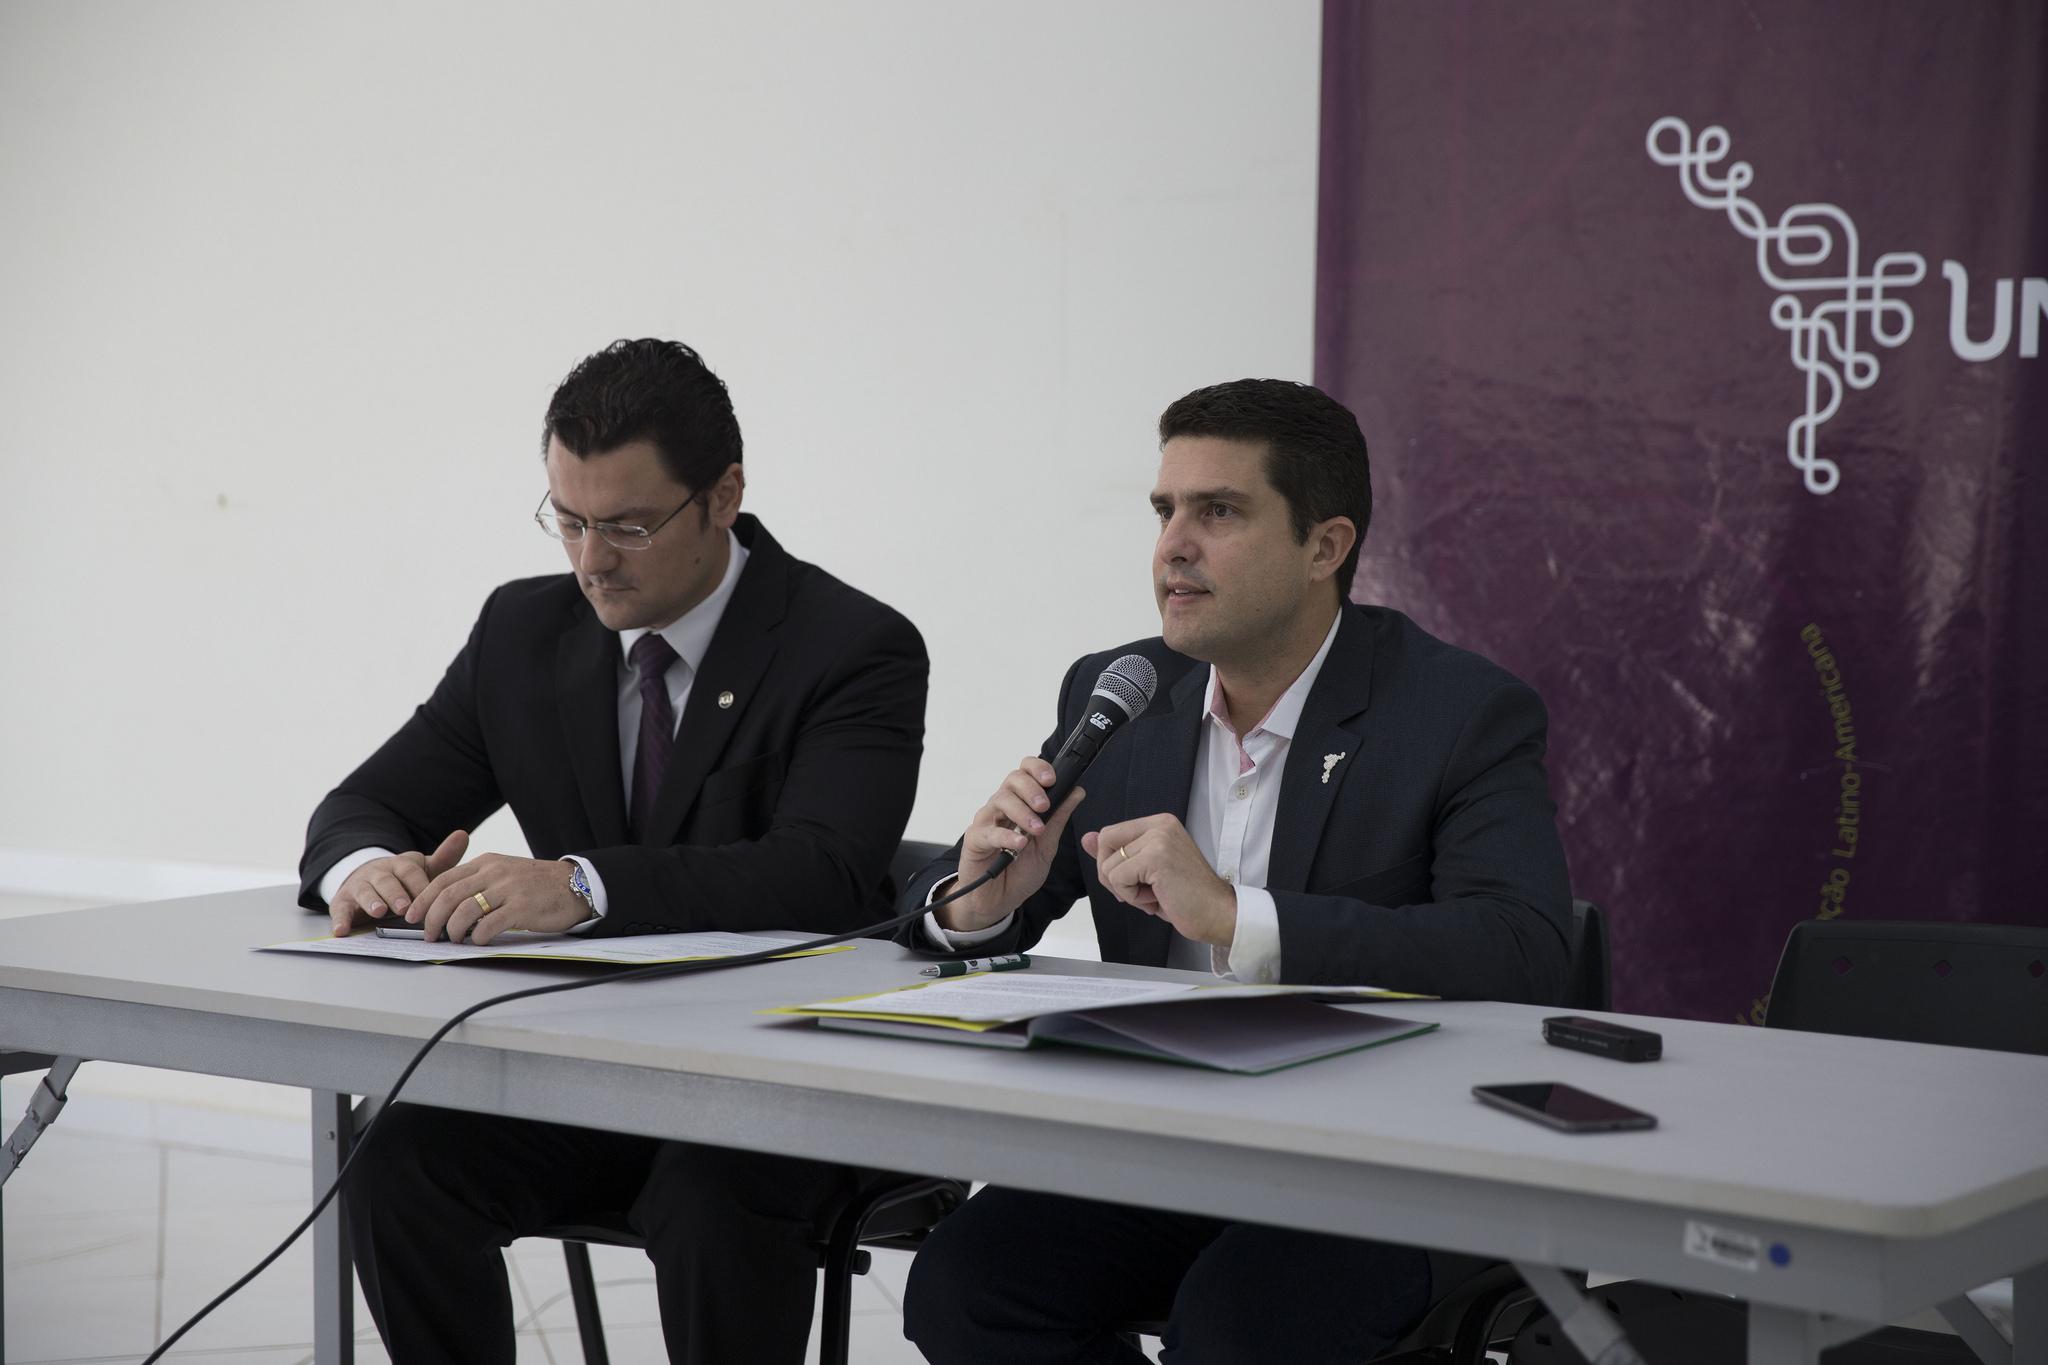 Procurador Egon de Jesus Suek e reitor Gustavo Oliveira Vieira